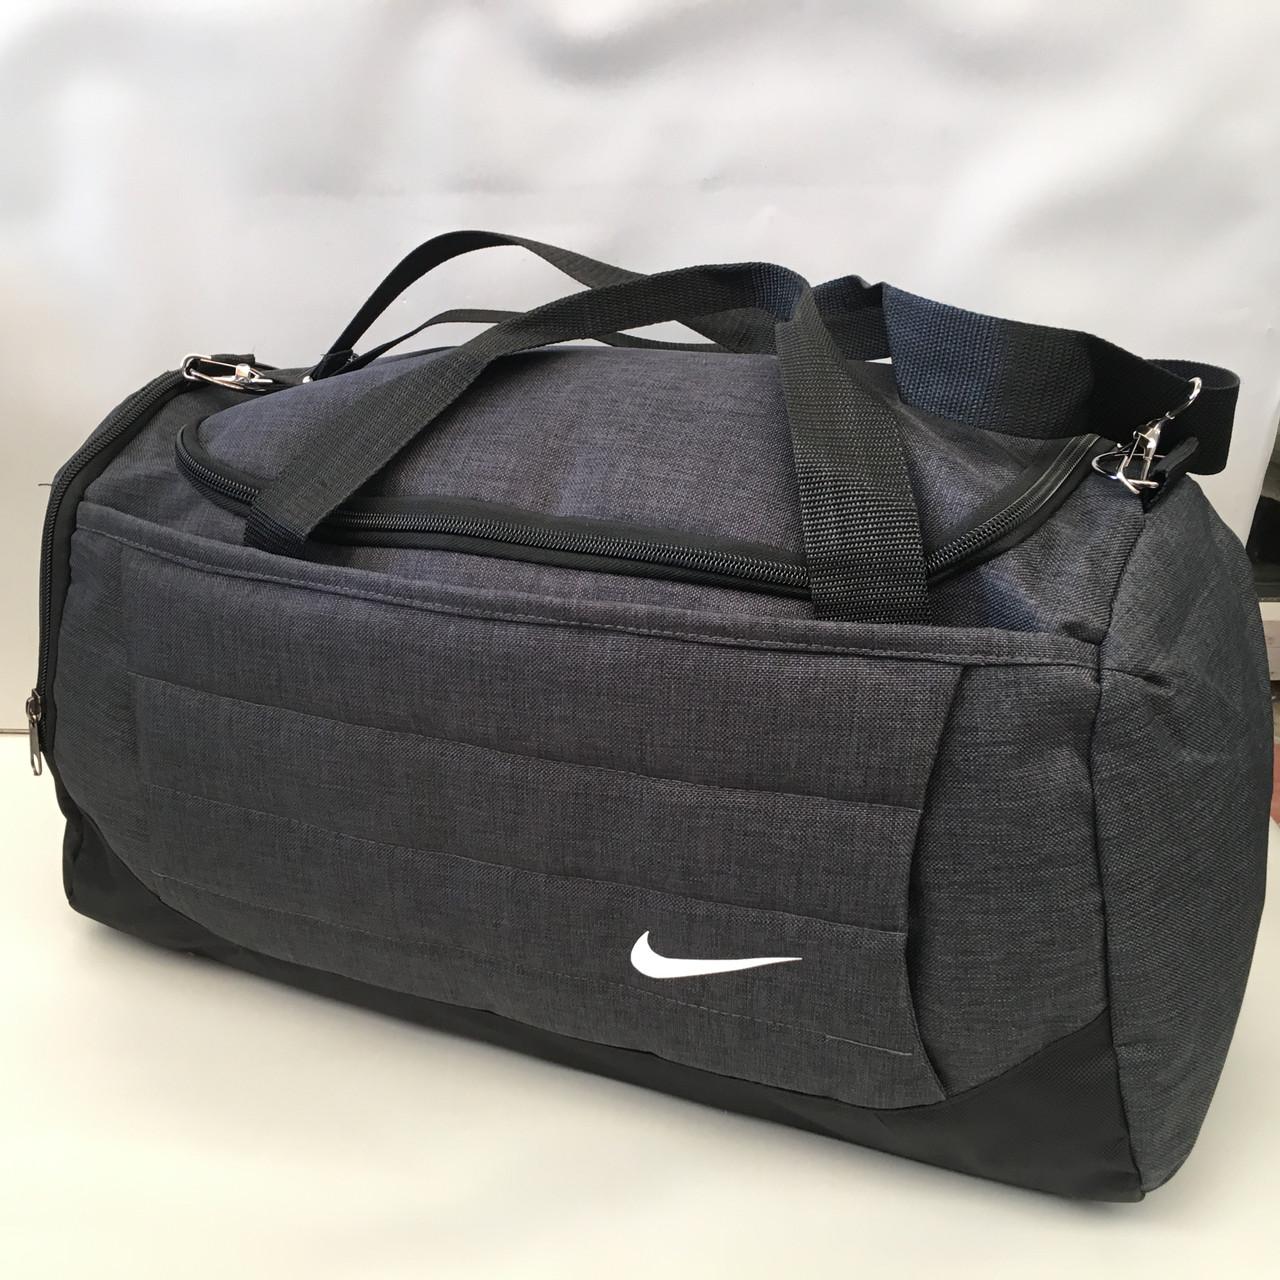 bb324bc4 Сумка спортивная Nike Текстиль Высококлассные/Спортивная- дорожная сумка с  нашивкой (Nike) оптом